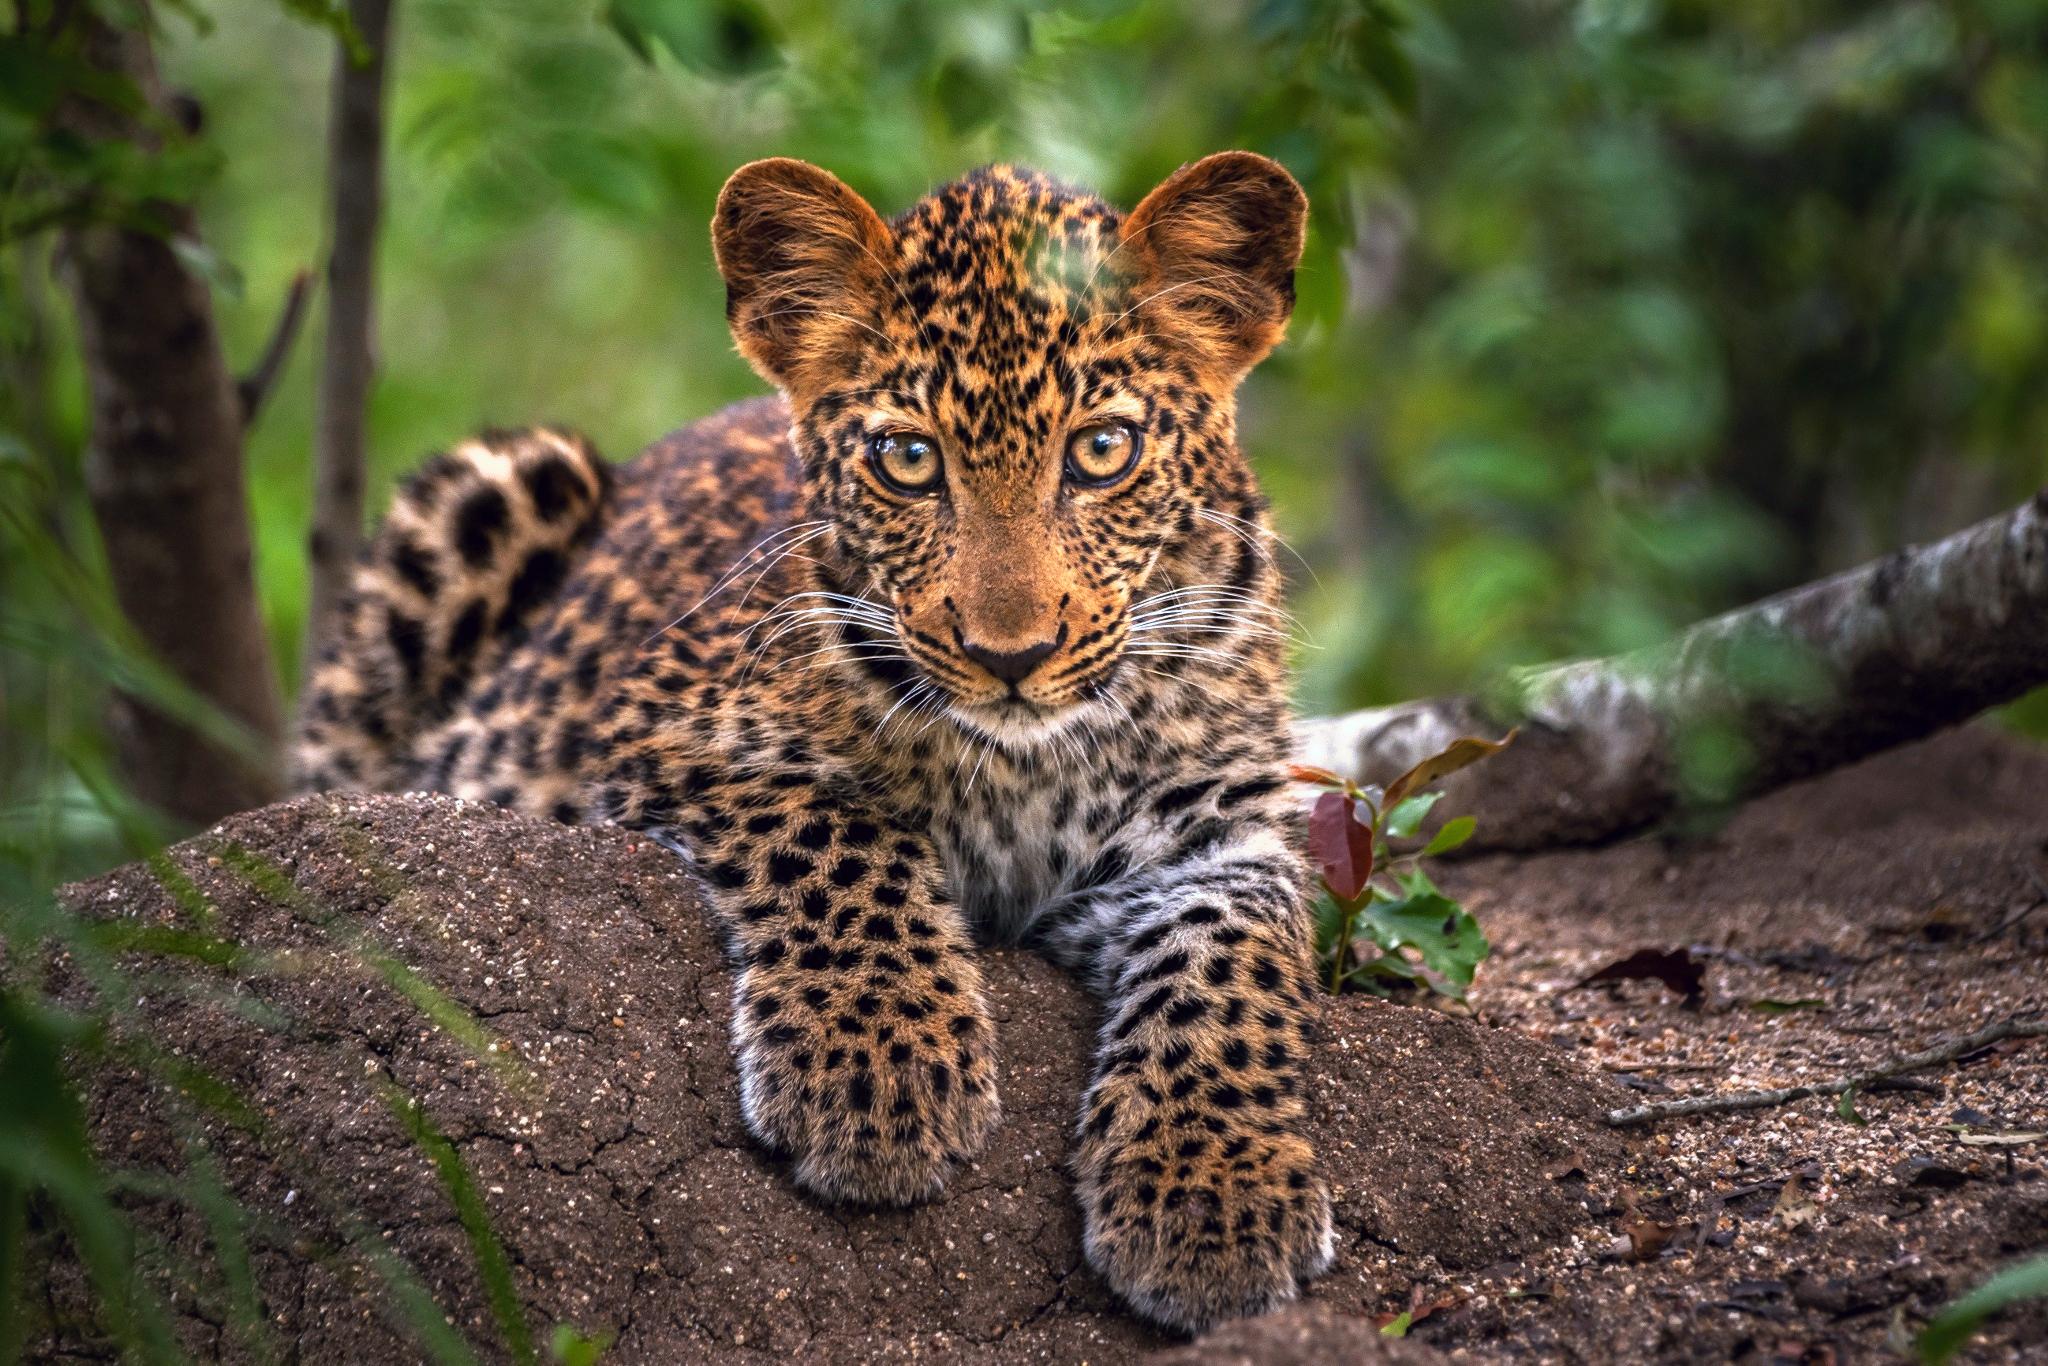 126292 обои 240x320 на телефон бесплатно, скачать картинки Большая Кошка, Хищник, Леопард, Животные, Морда 240x320 на мобильный